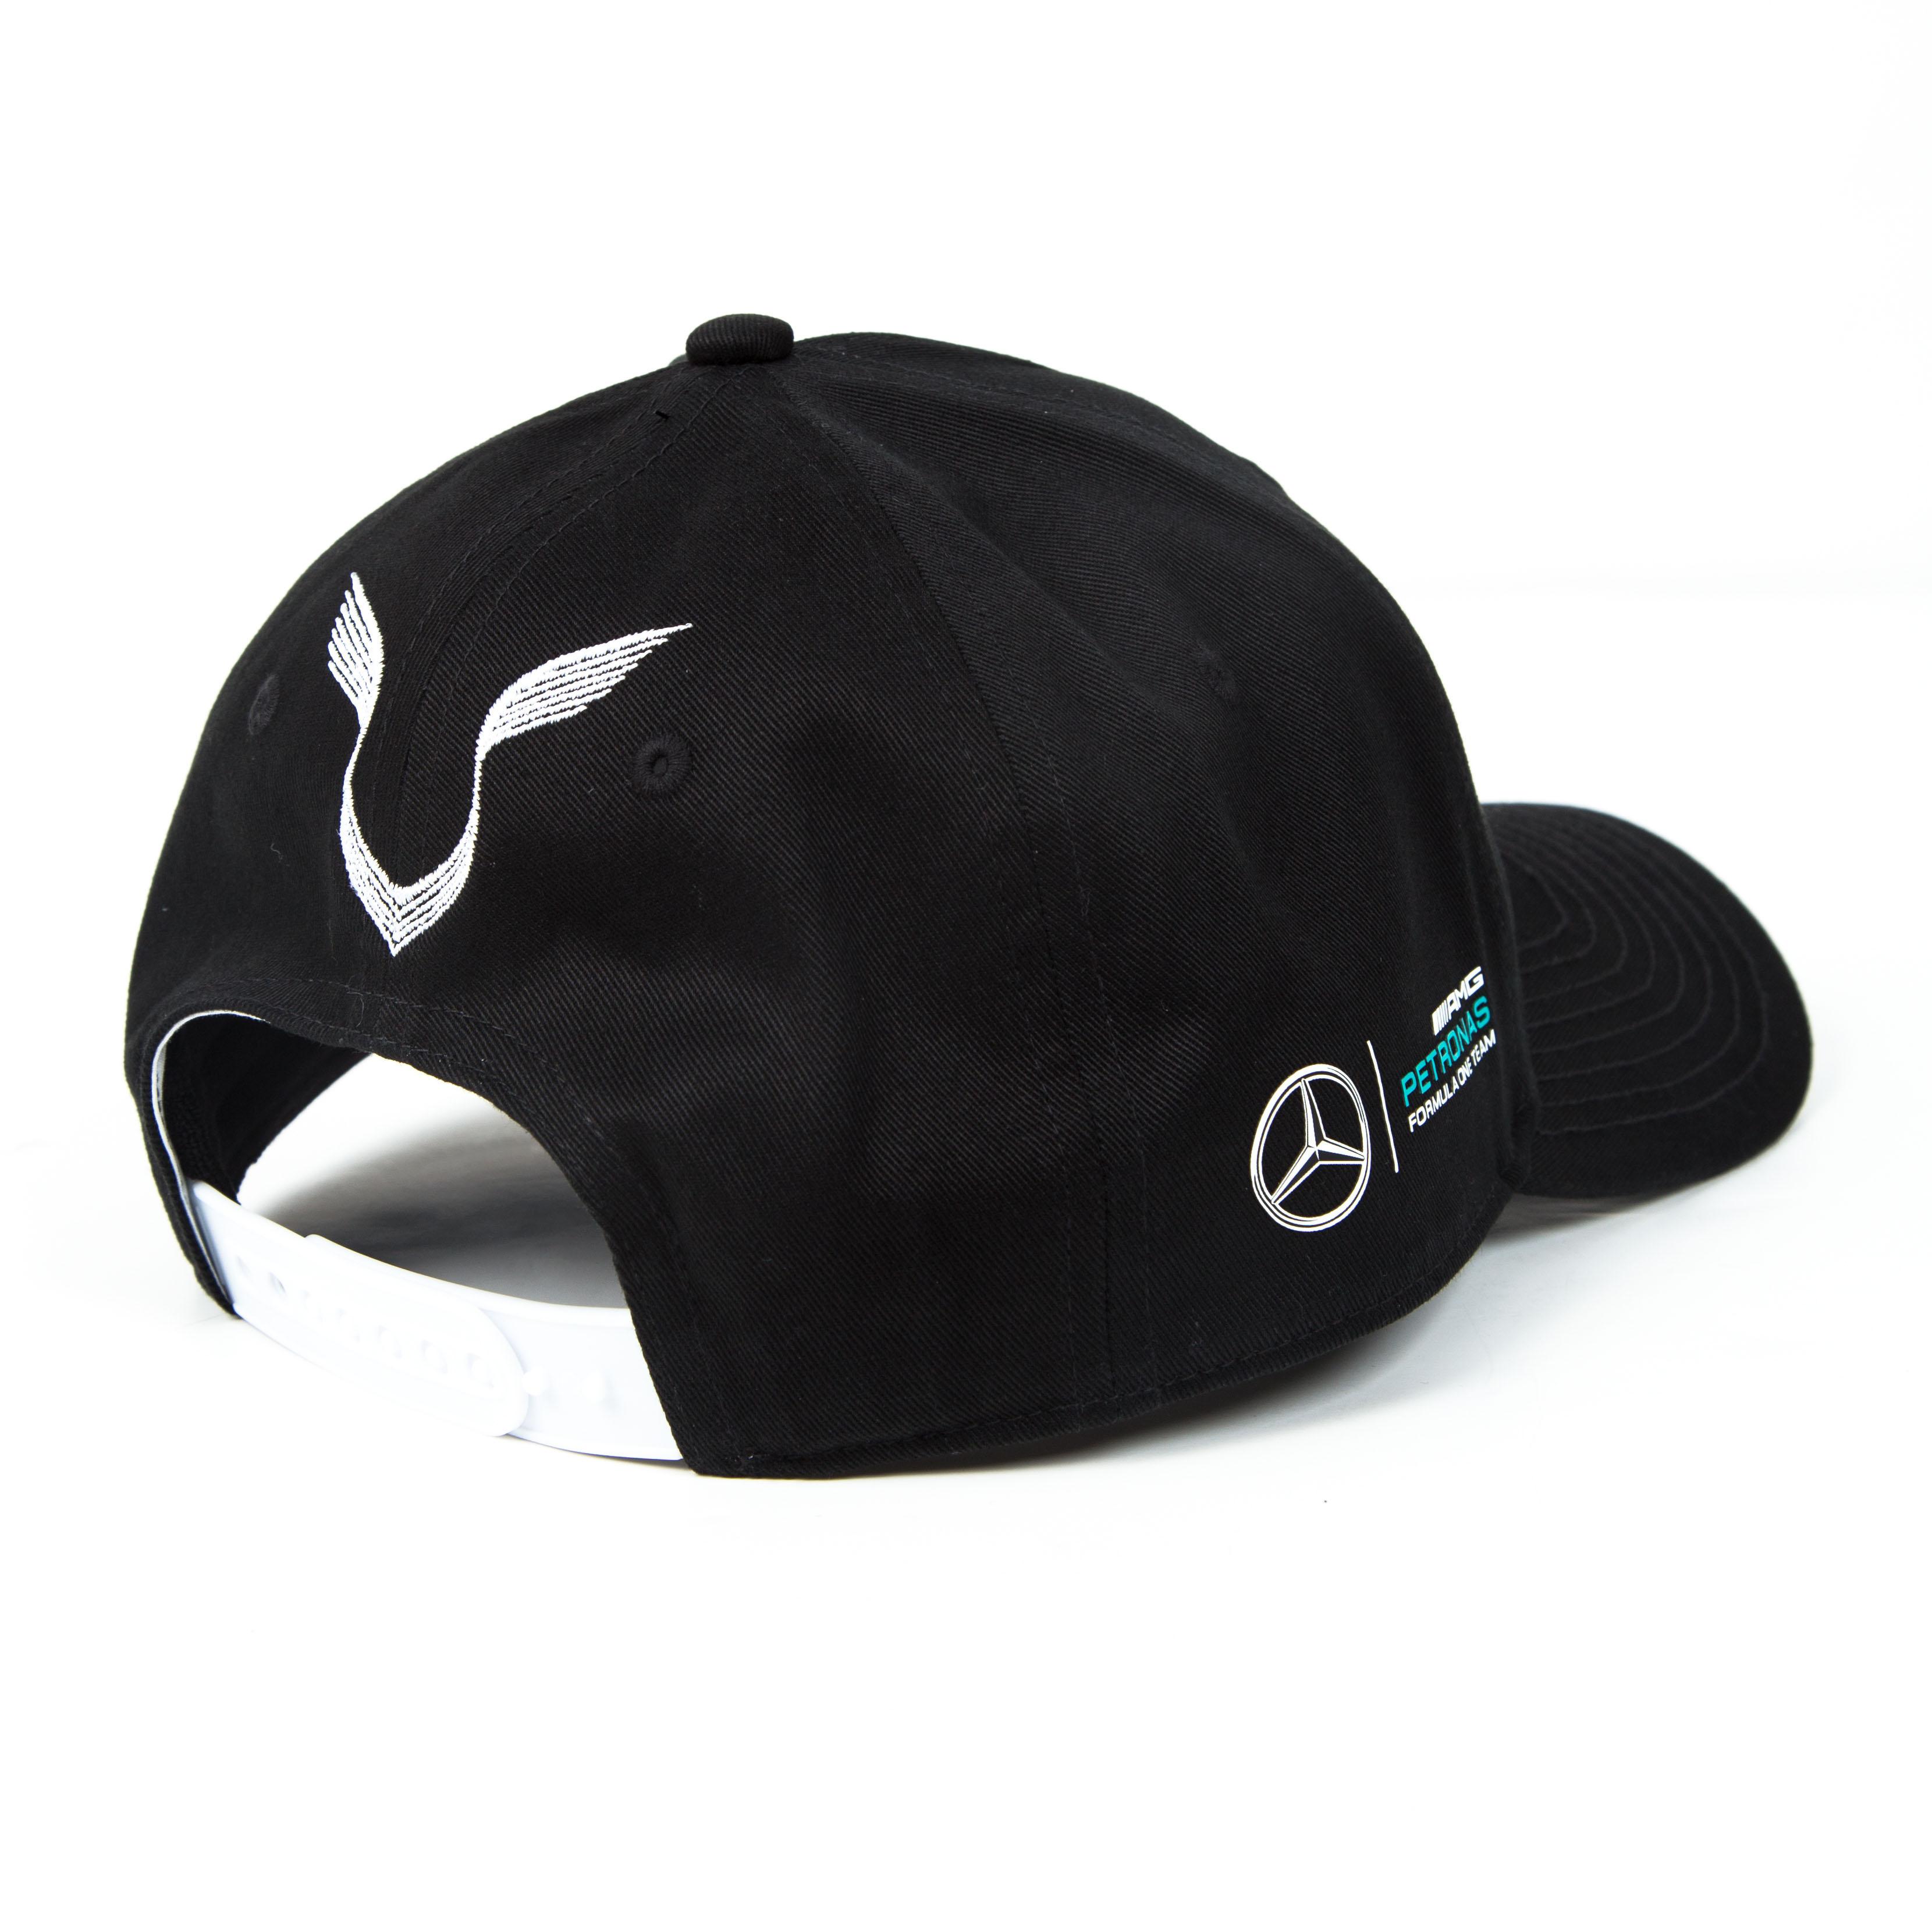 2017 Lewis Hamilton F1 Driver Cap Mercedes-AMG F1 Formula